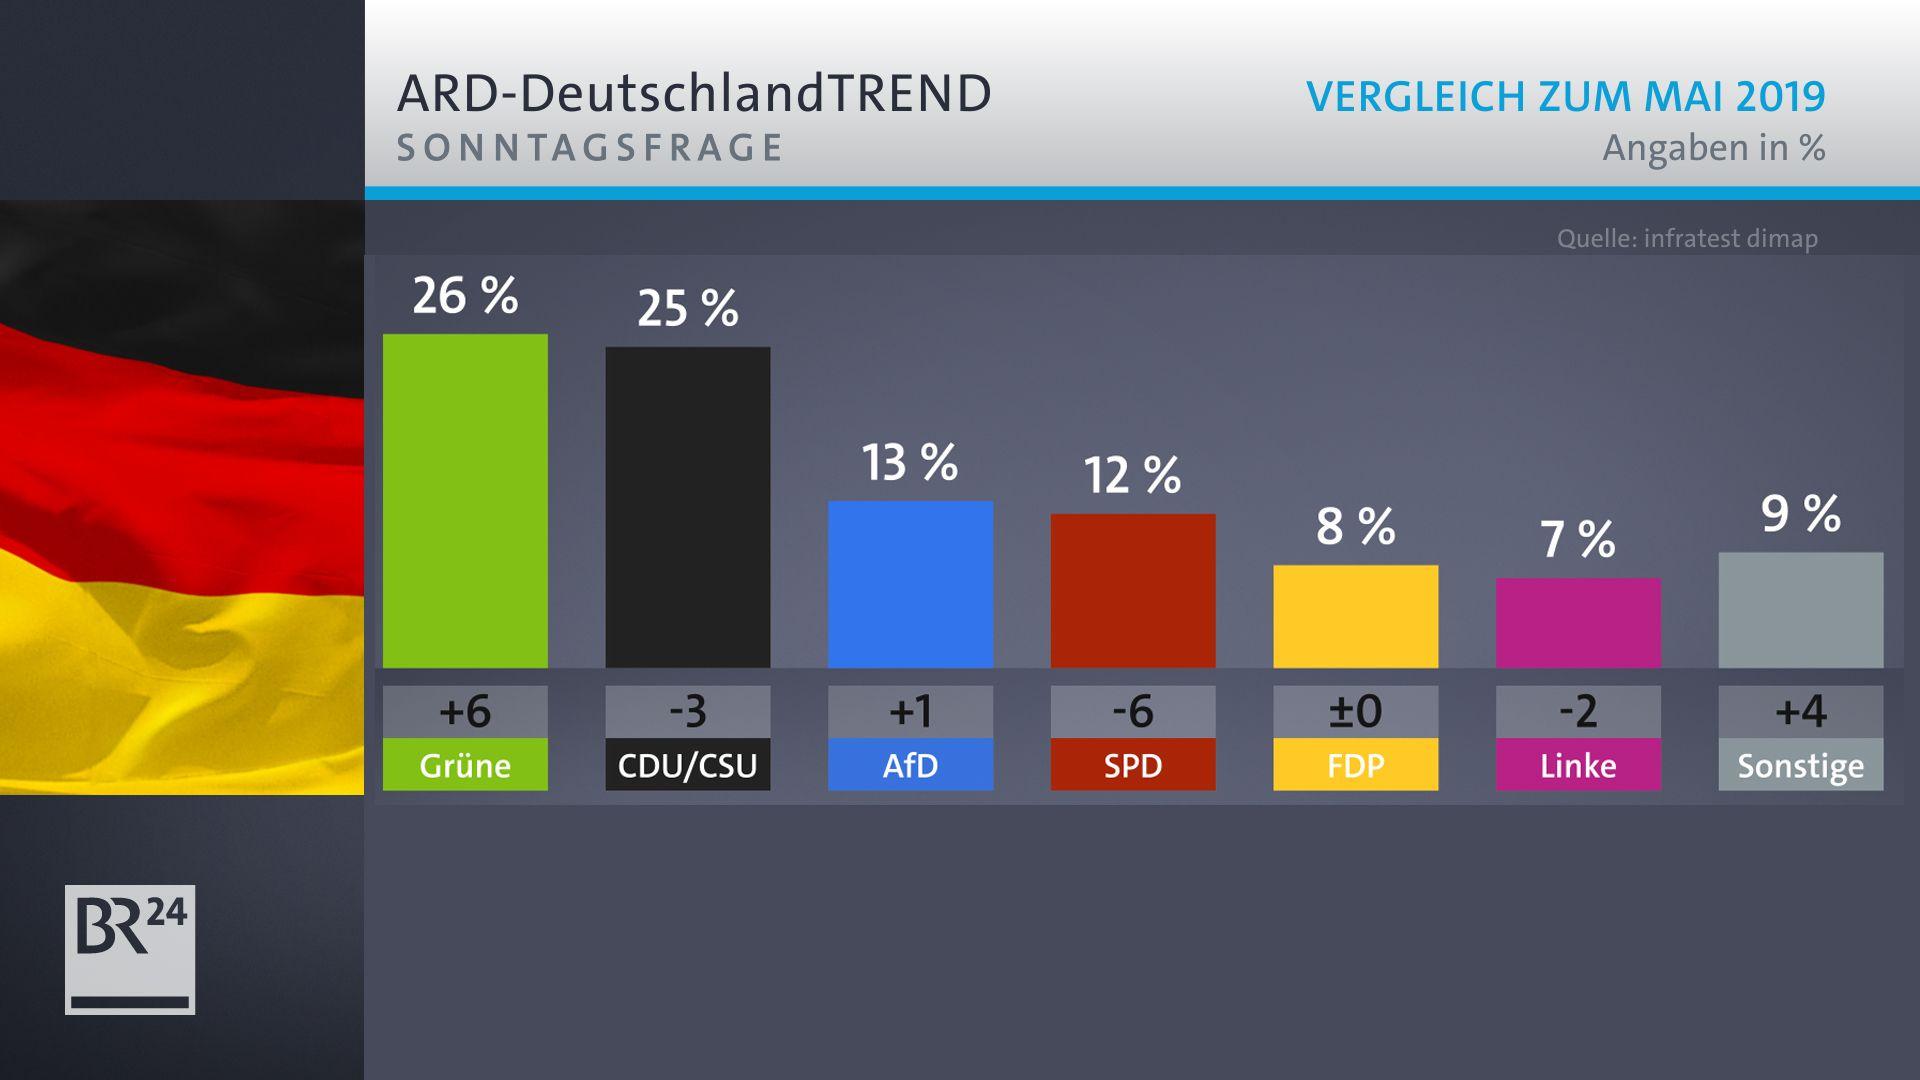 Sonntagsfrage des ARD-DeutschlandTrends